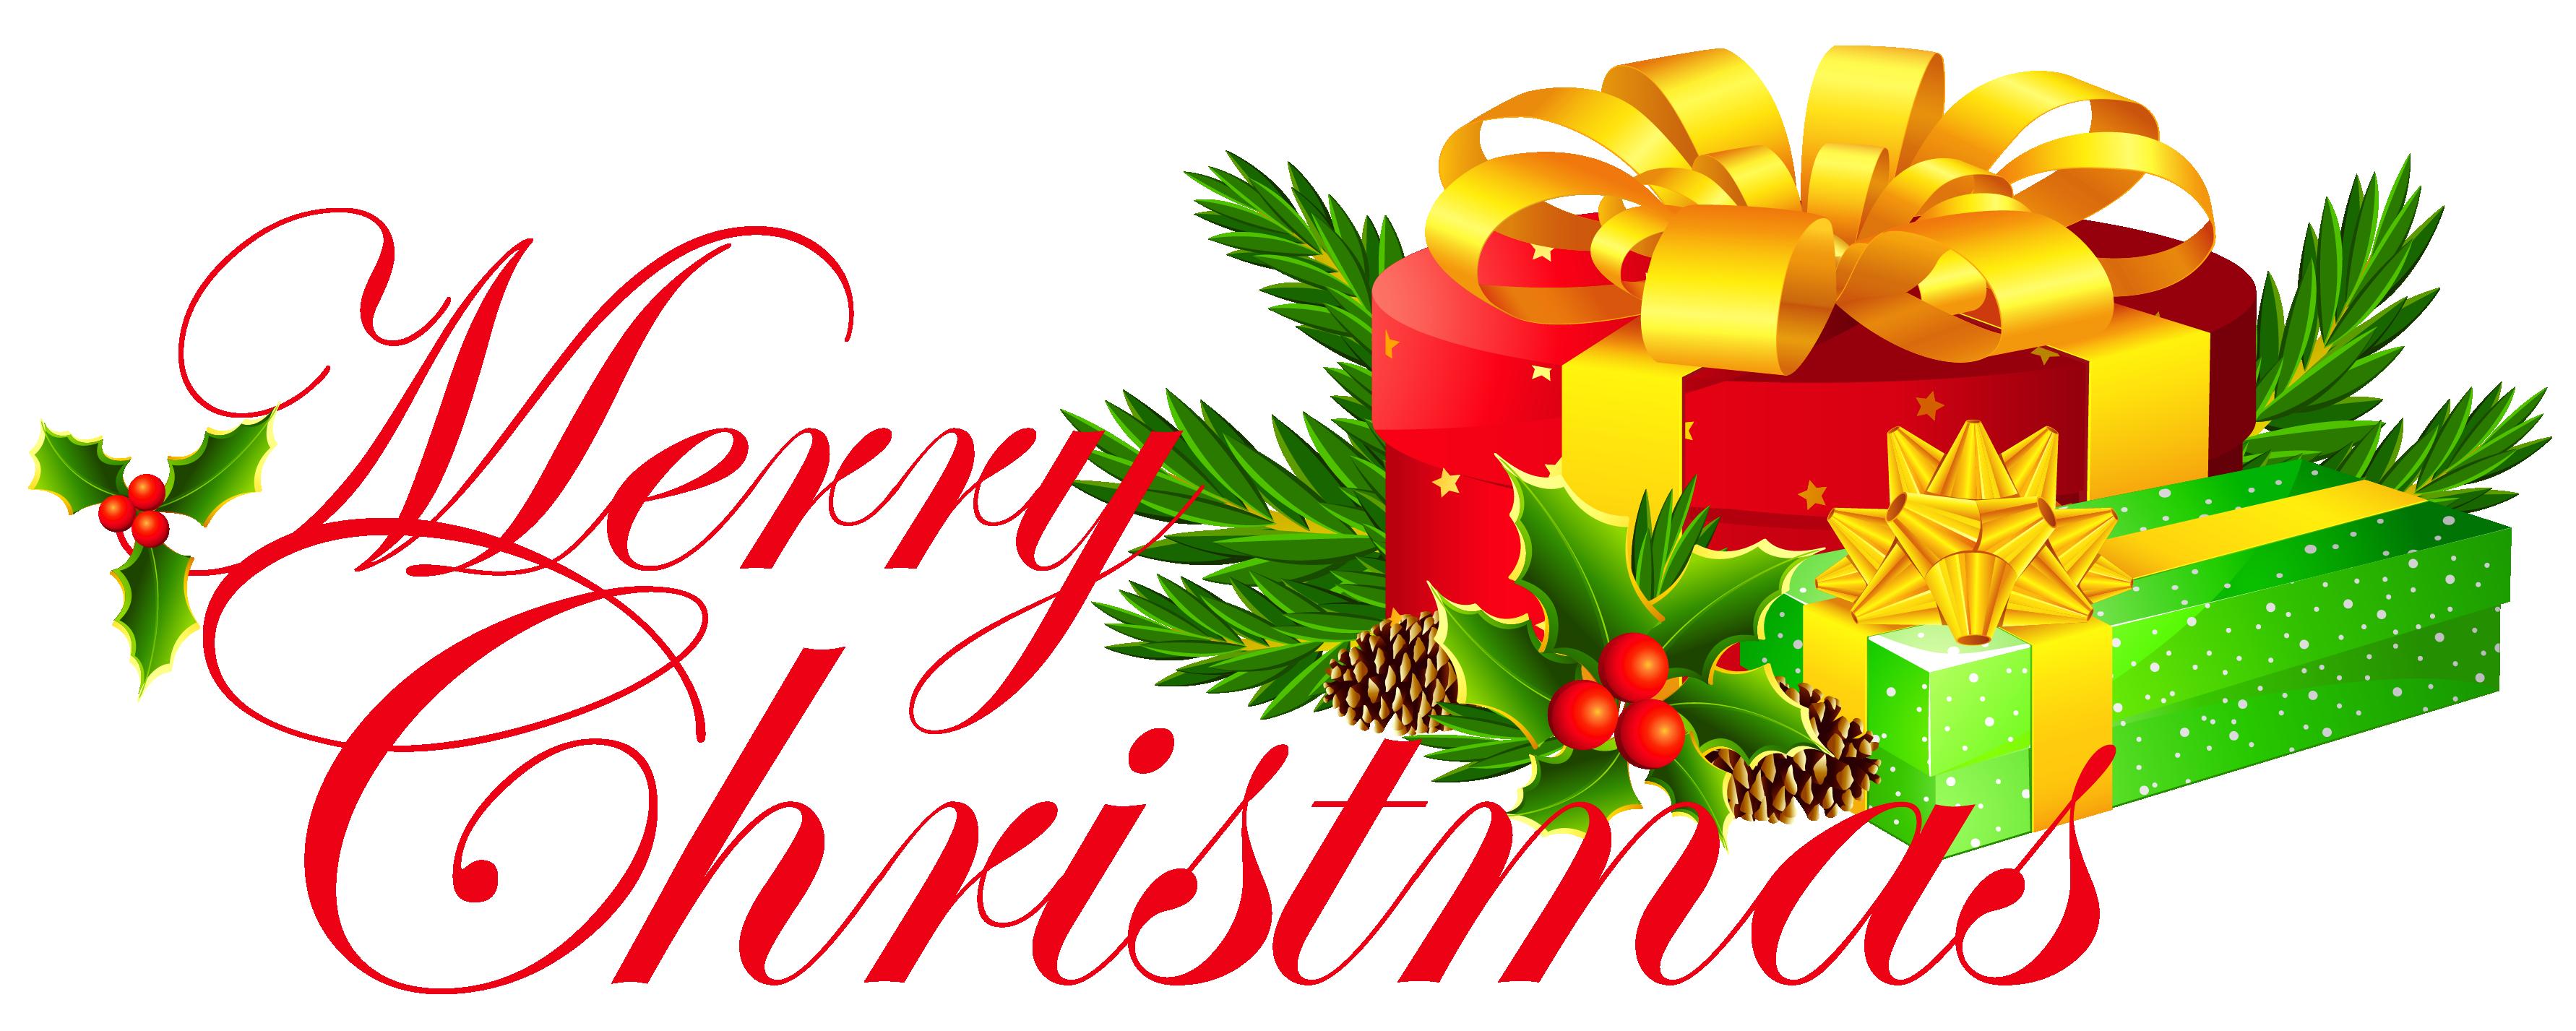 Merry Christmas Clip Art. e7aba5fb1f44527de8d09c8b51fc51 .